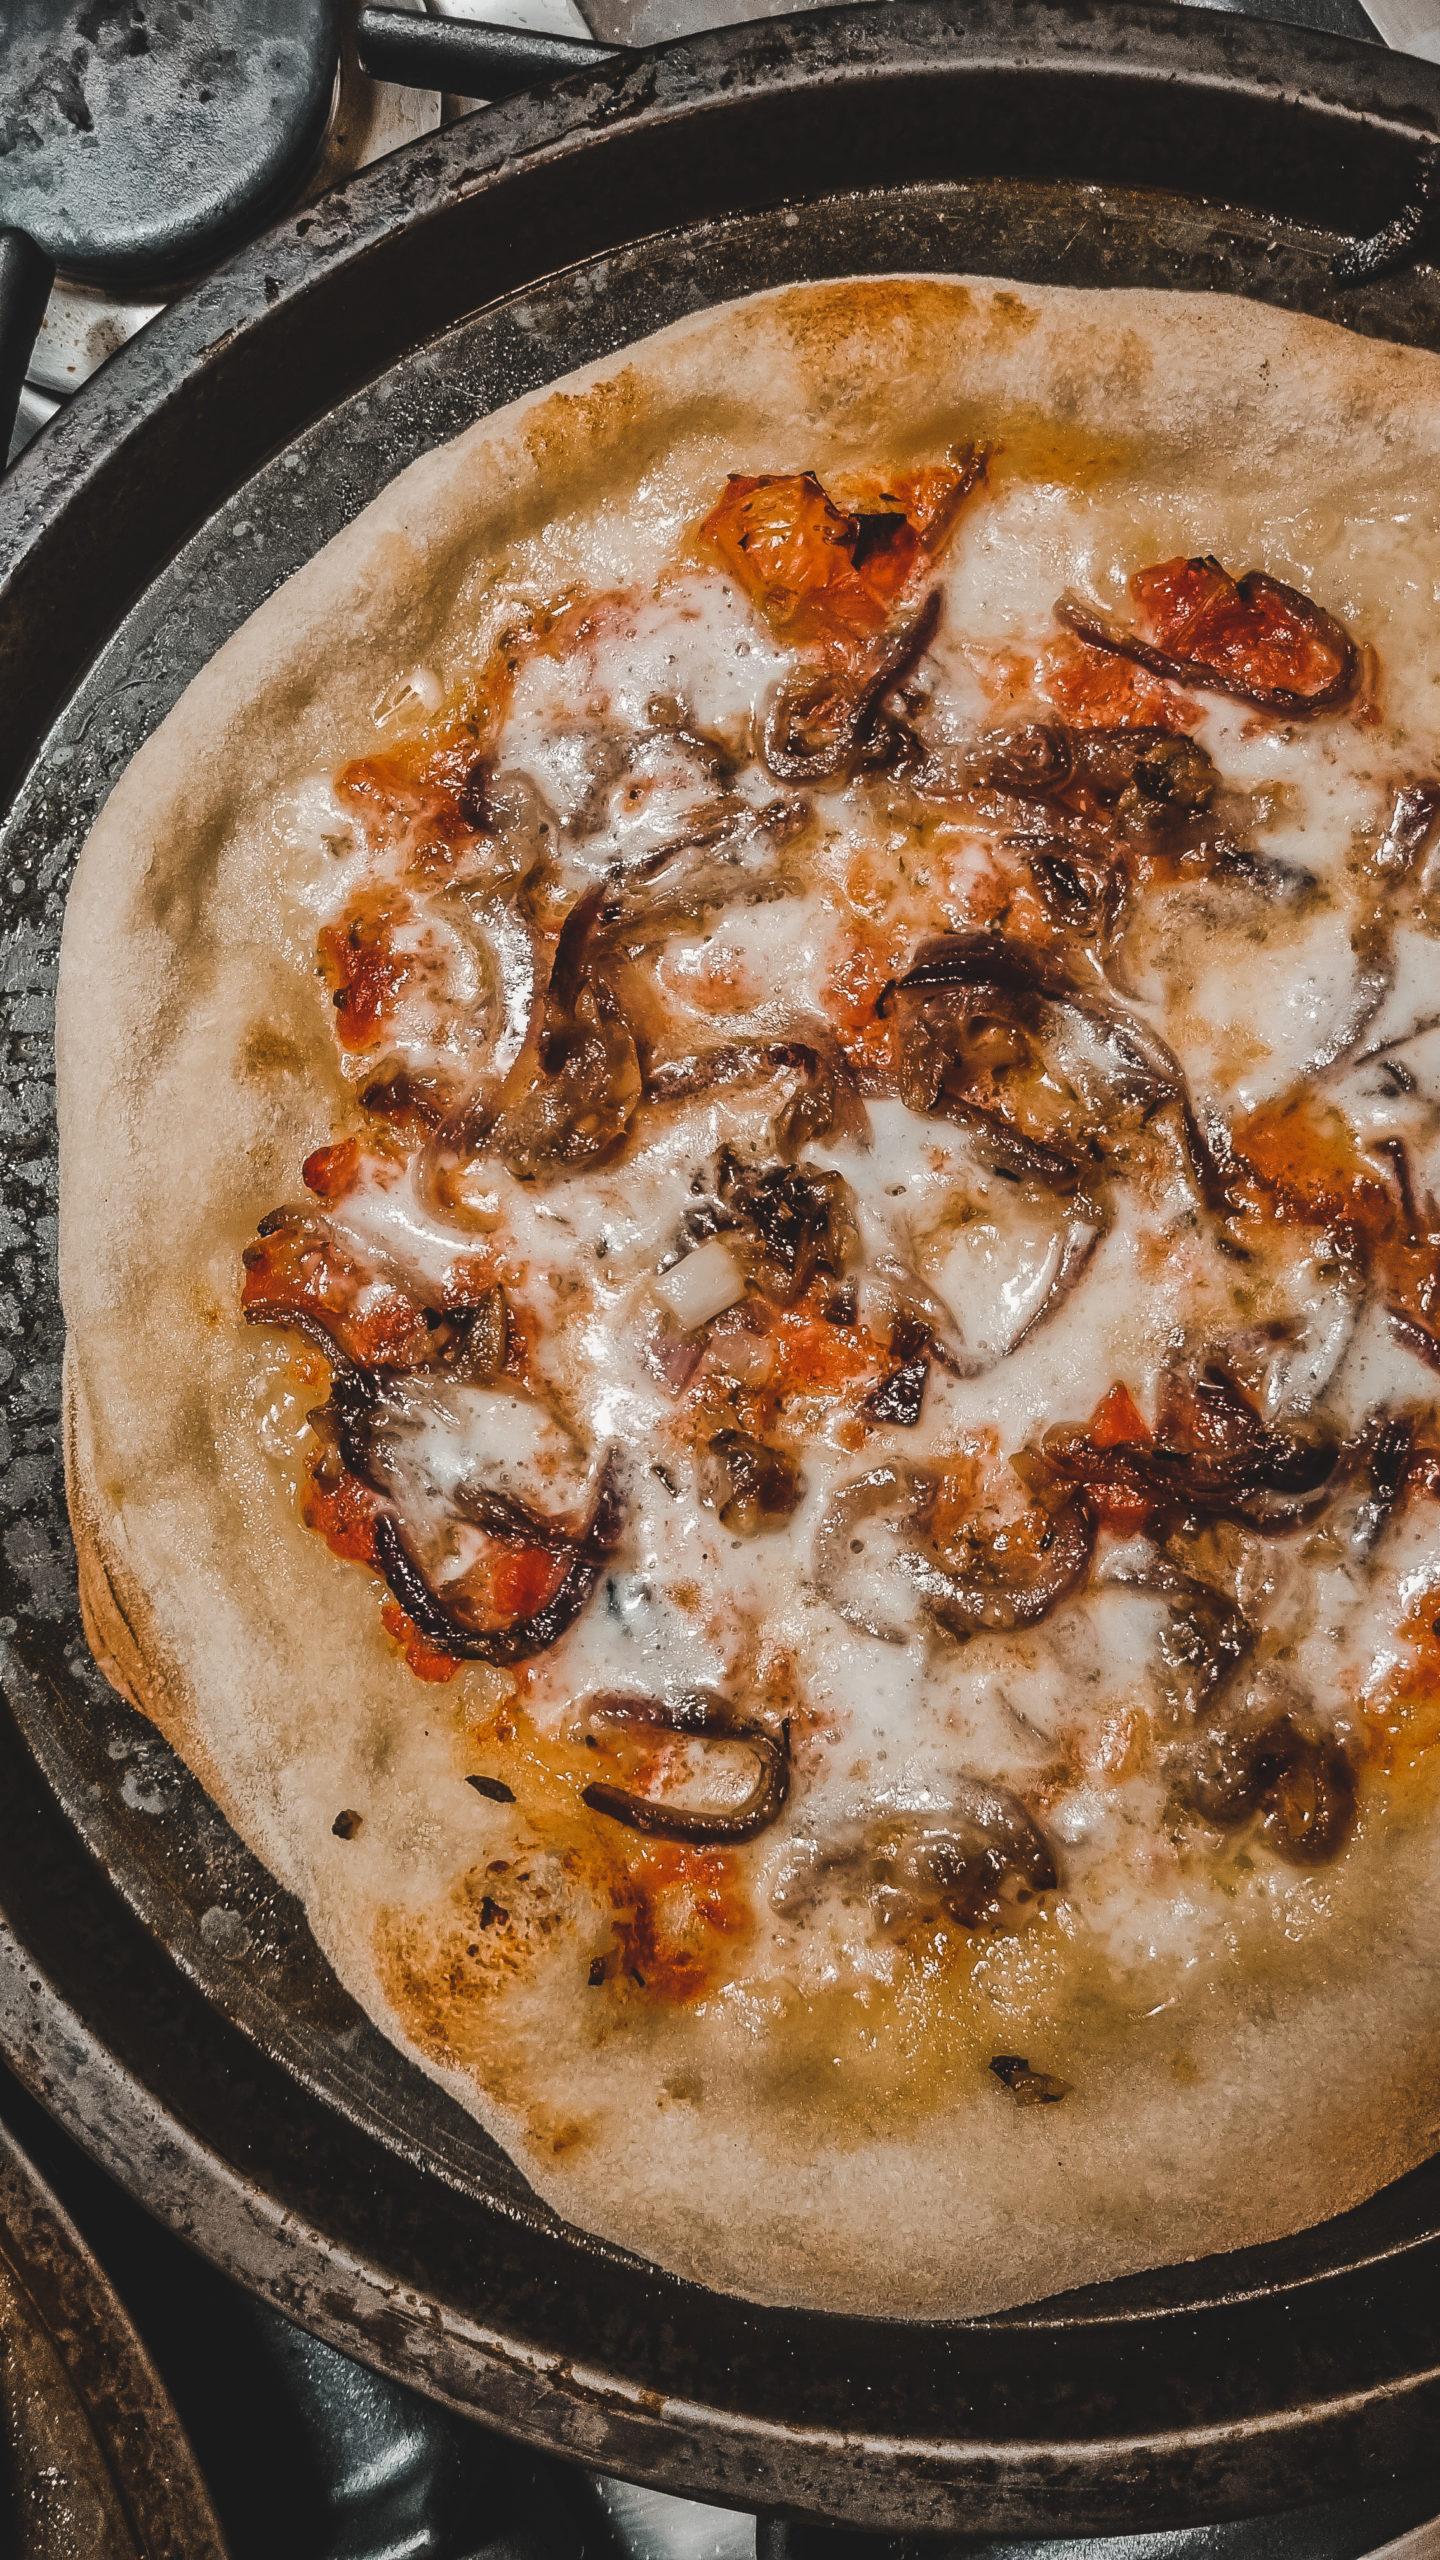 PIZZA 12 ORE con cipolla caramellata, acciughe e hemmental